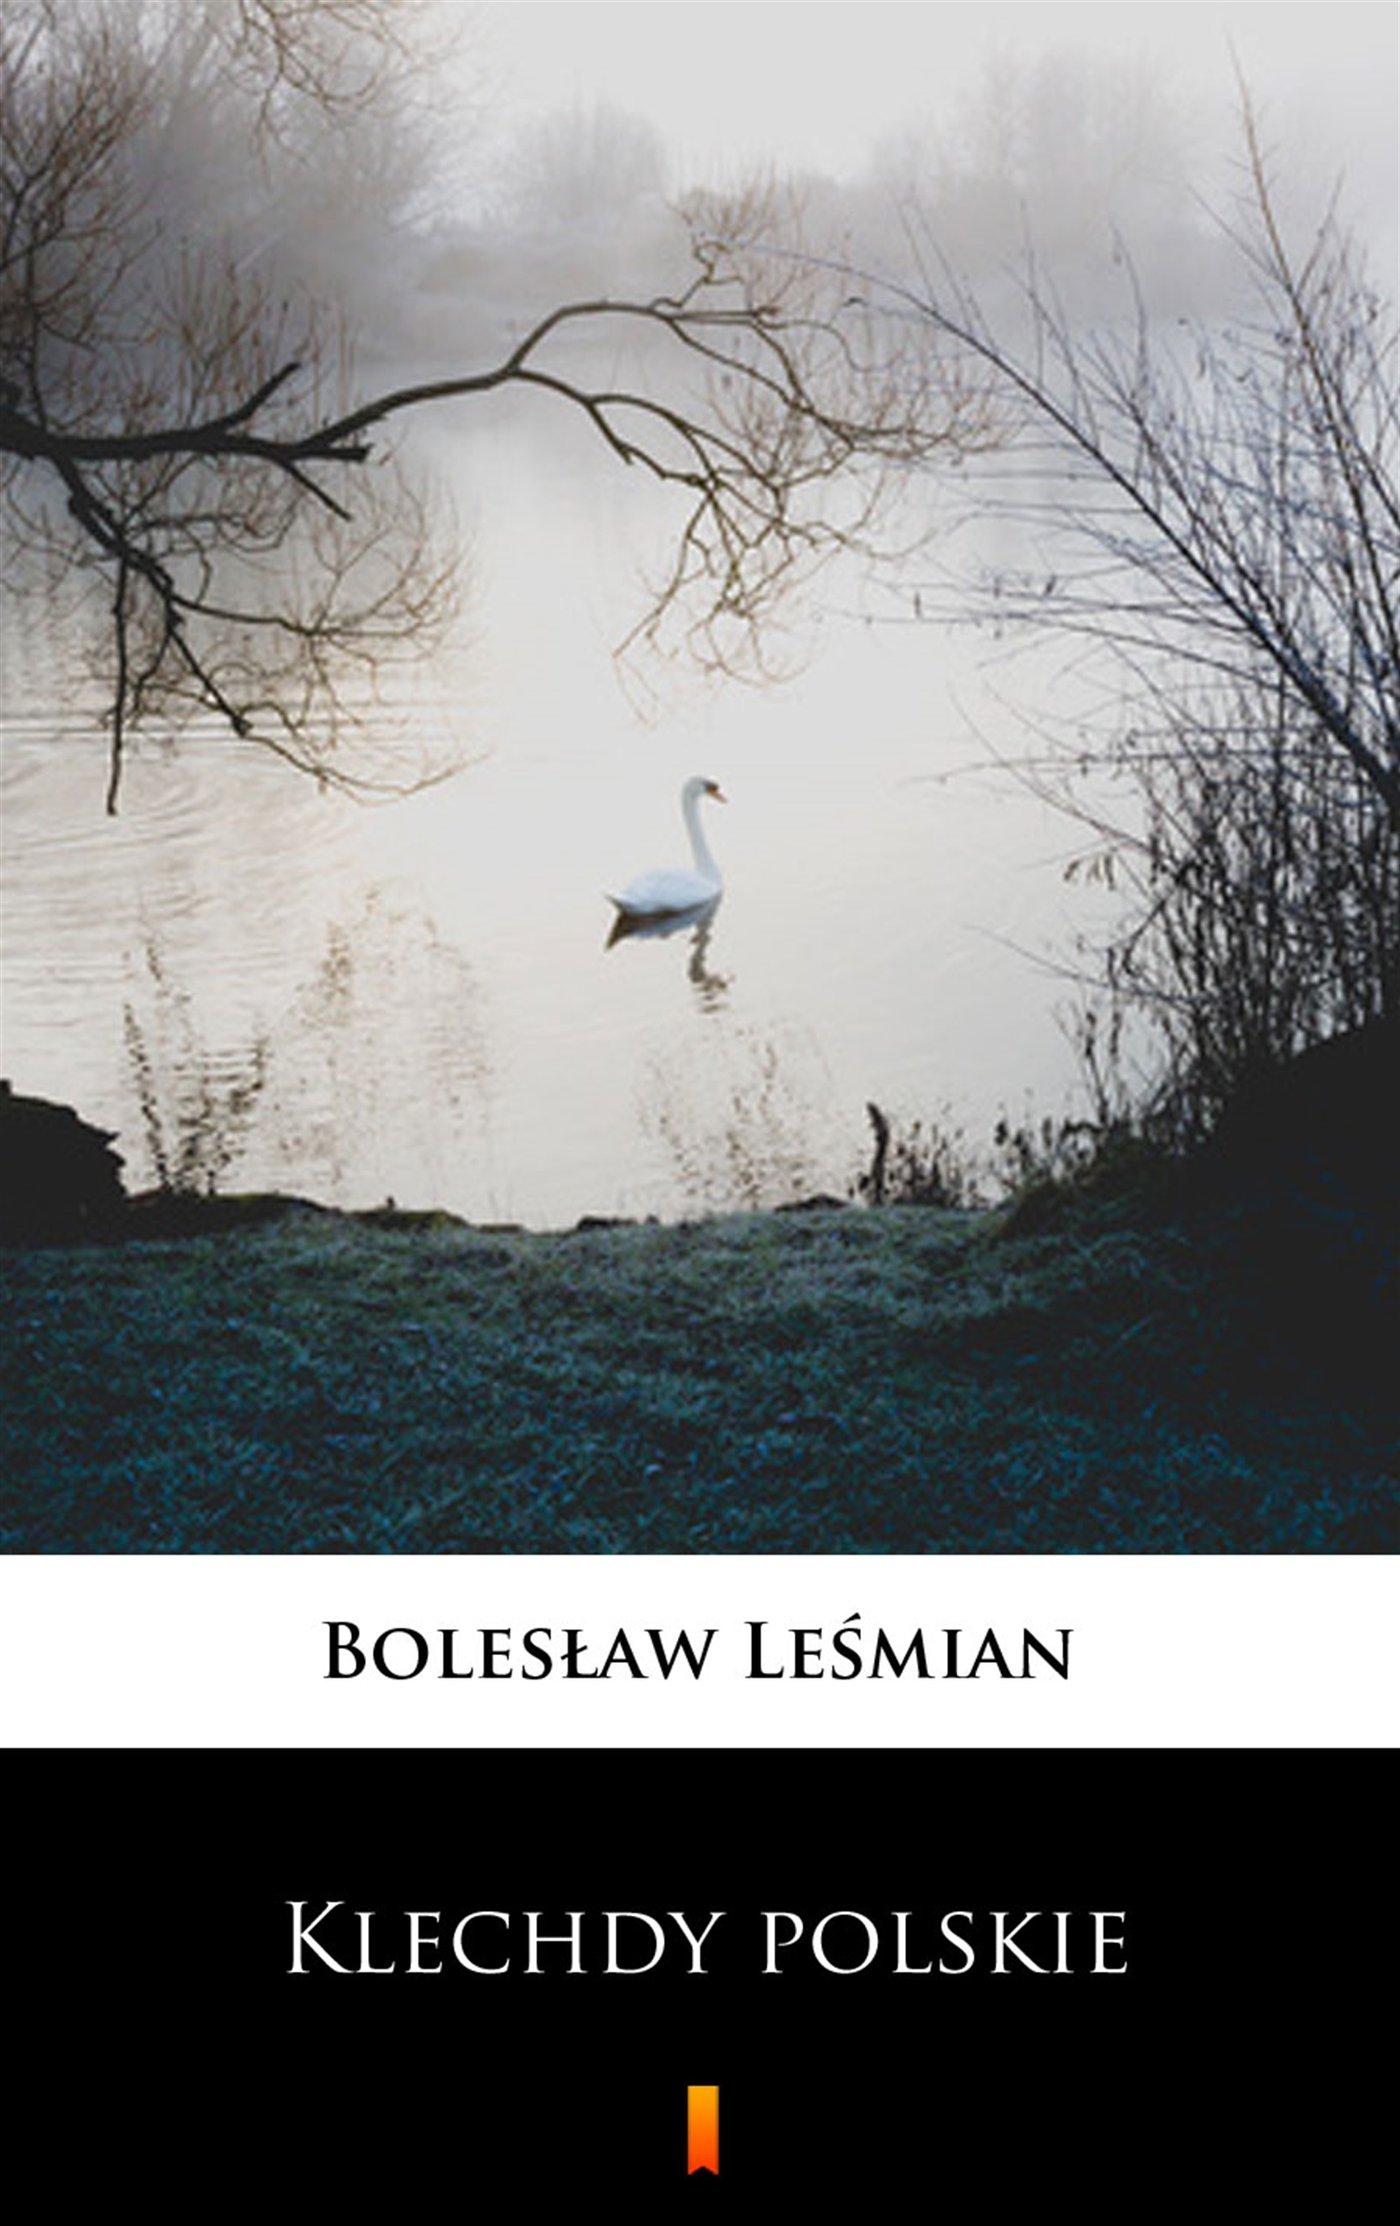 Klechdy polskie - Ebook (Książka na Kindle) do pobrania w formacie MOBI